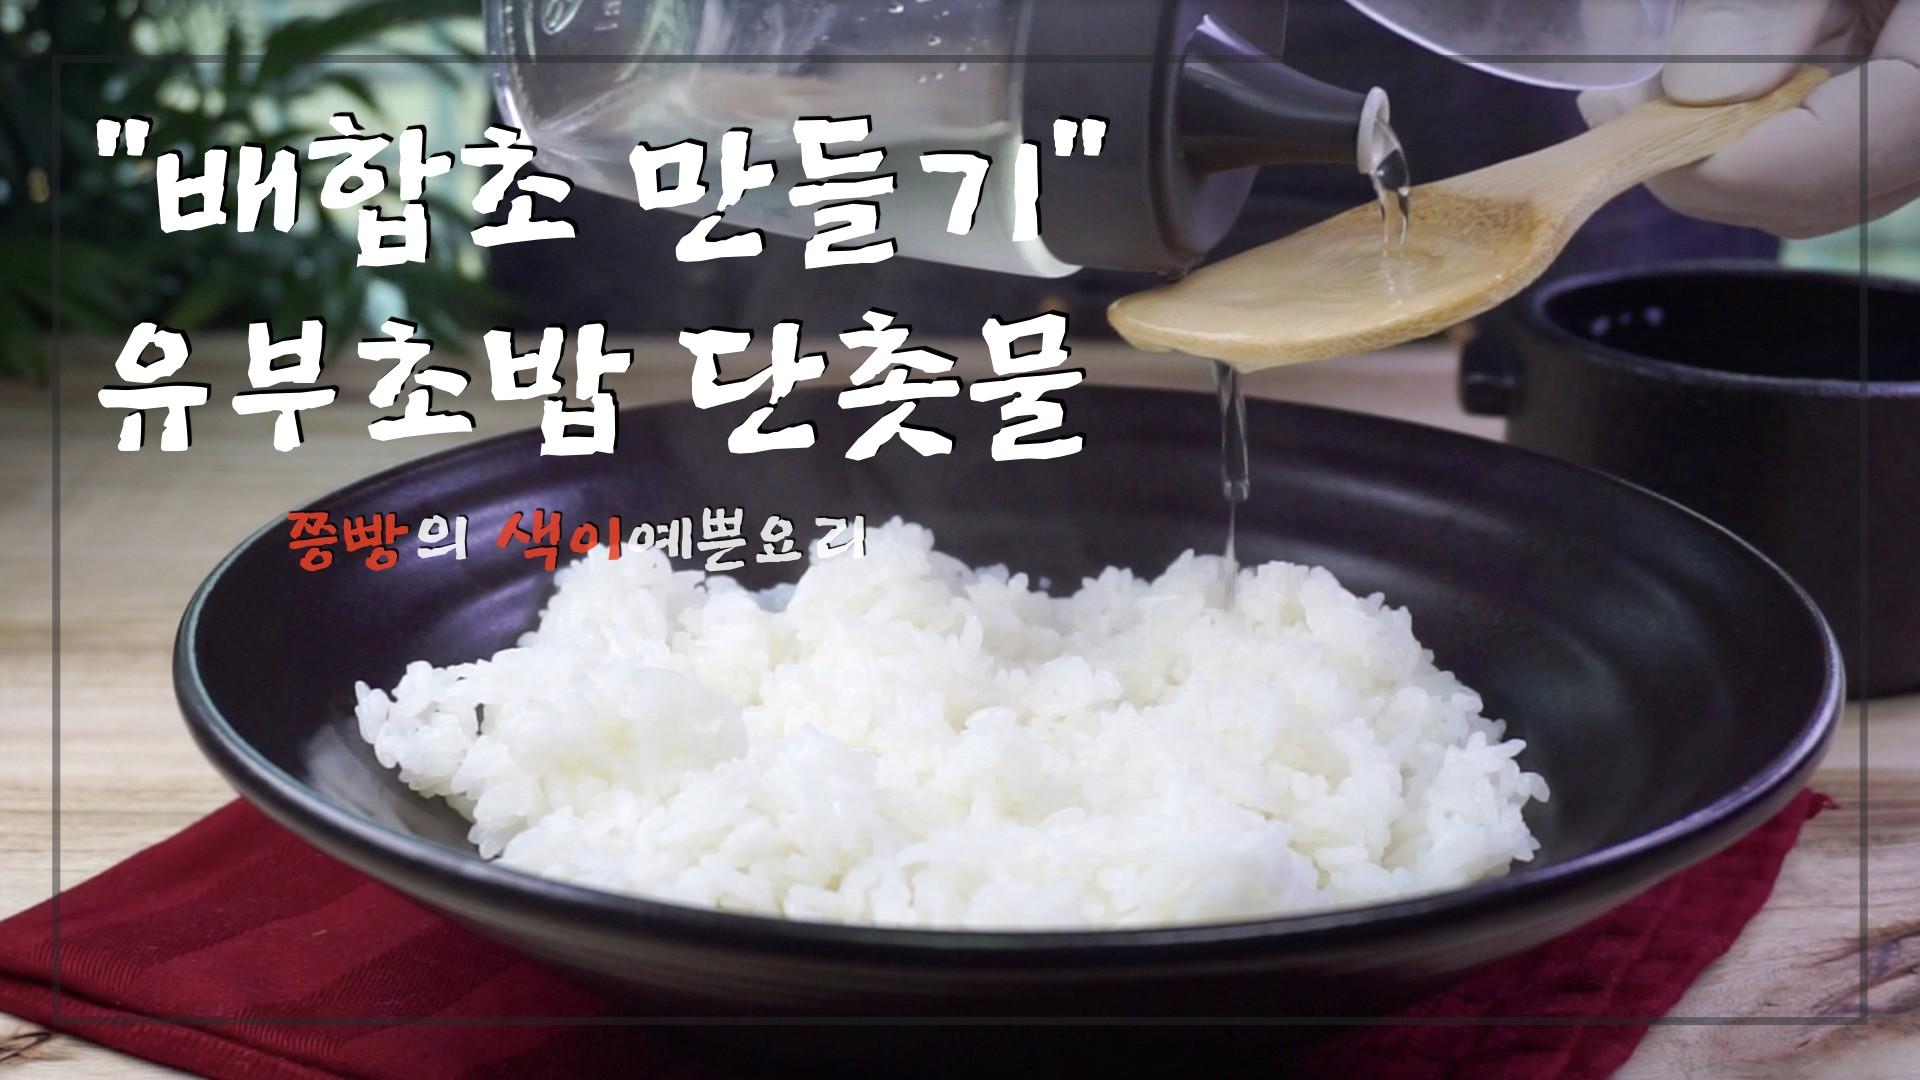 유부초밥 배합초 맛있게 만드는 법, 초간단 일식집 유부초밥 단촛물 만들기